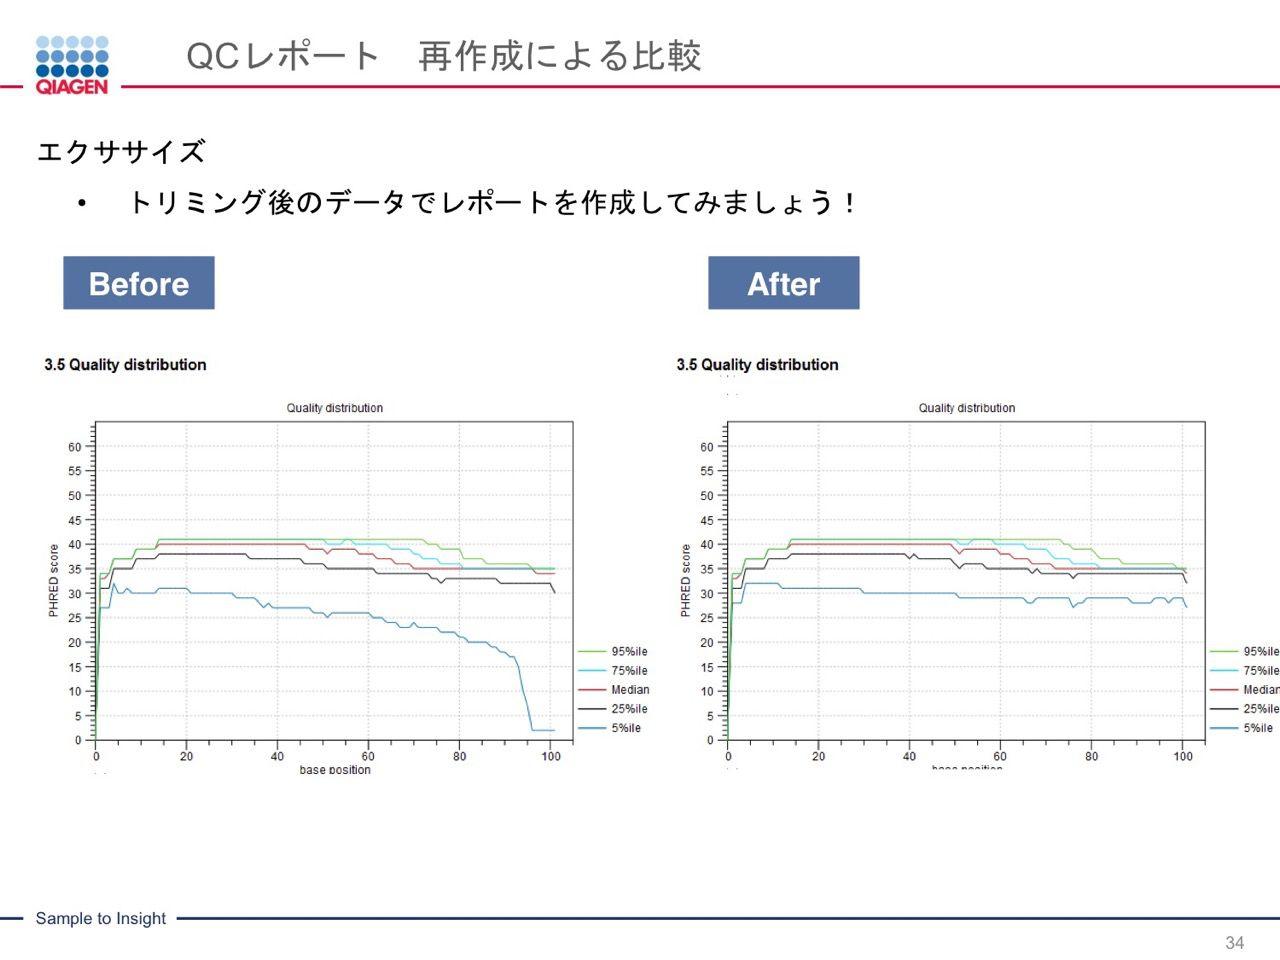 images/AJACSa2_miyamoto_034.jpg